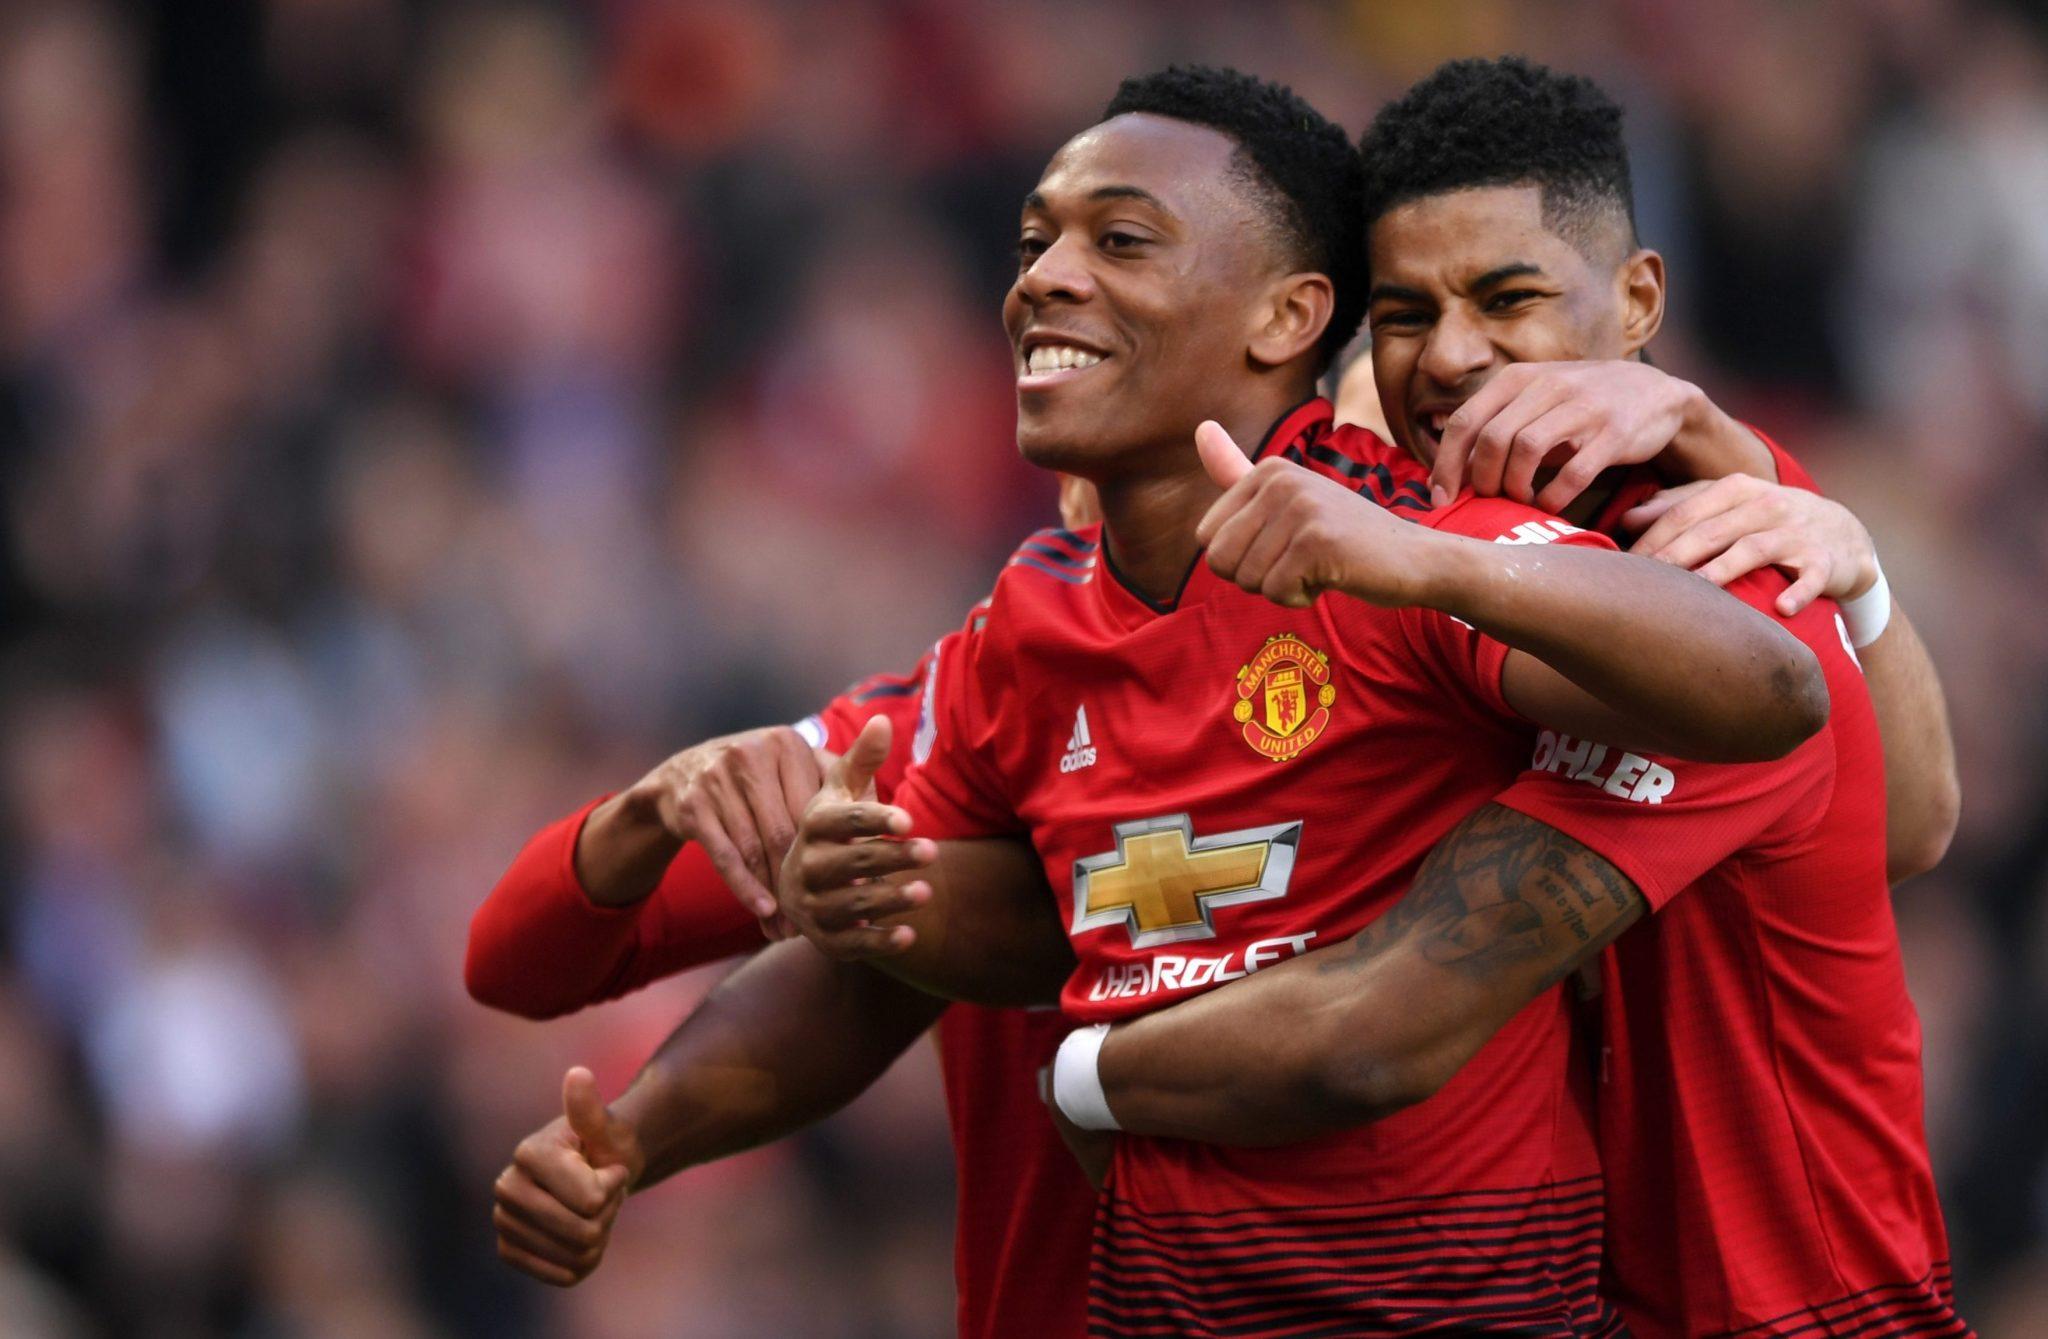 Skuad Terbaik Manchester United Dalam Sedekade Terakhir